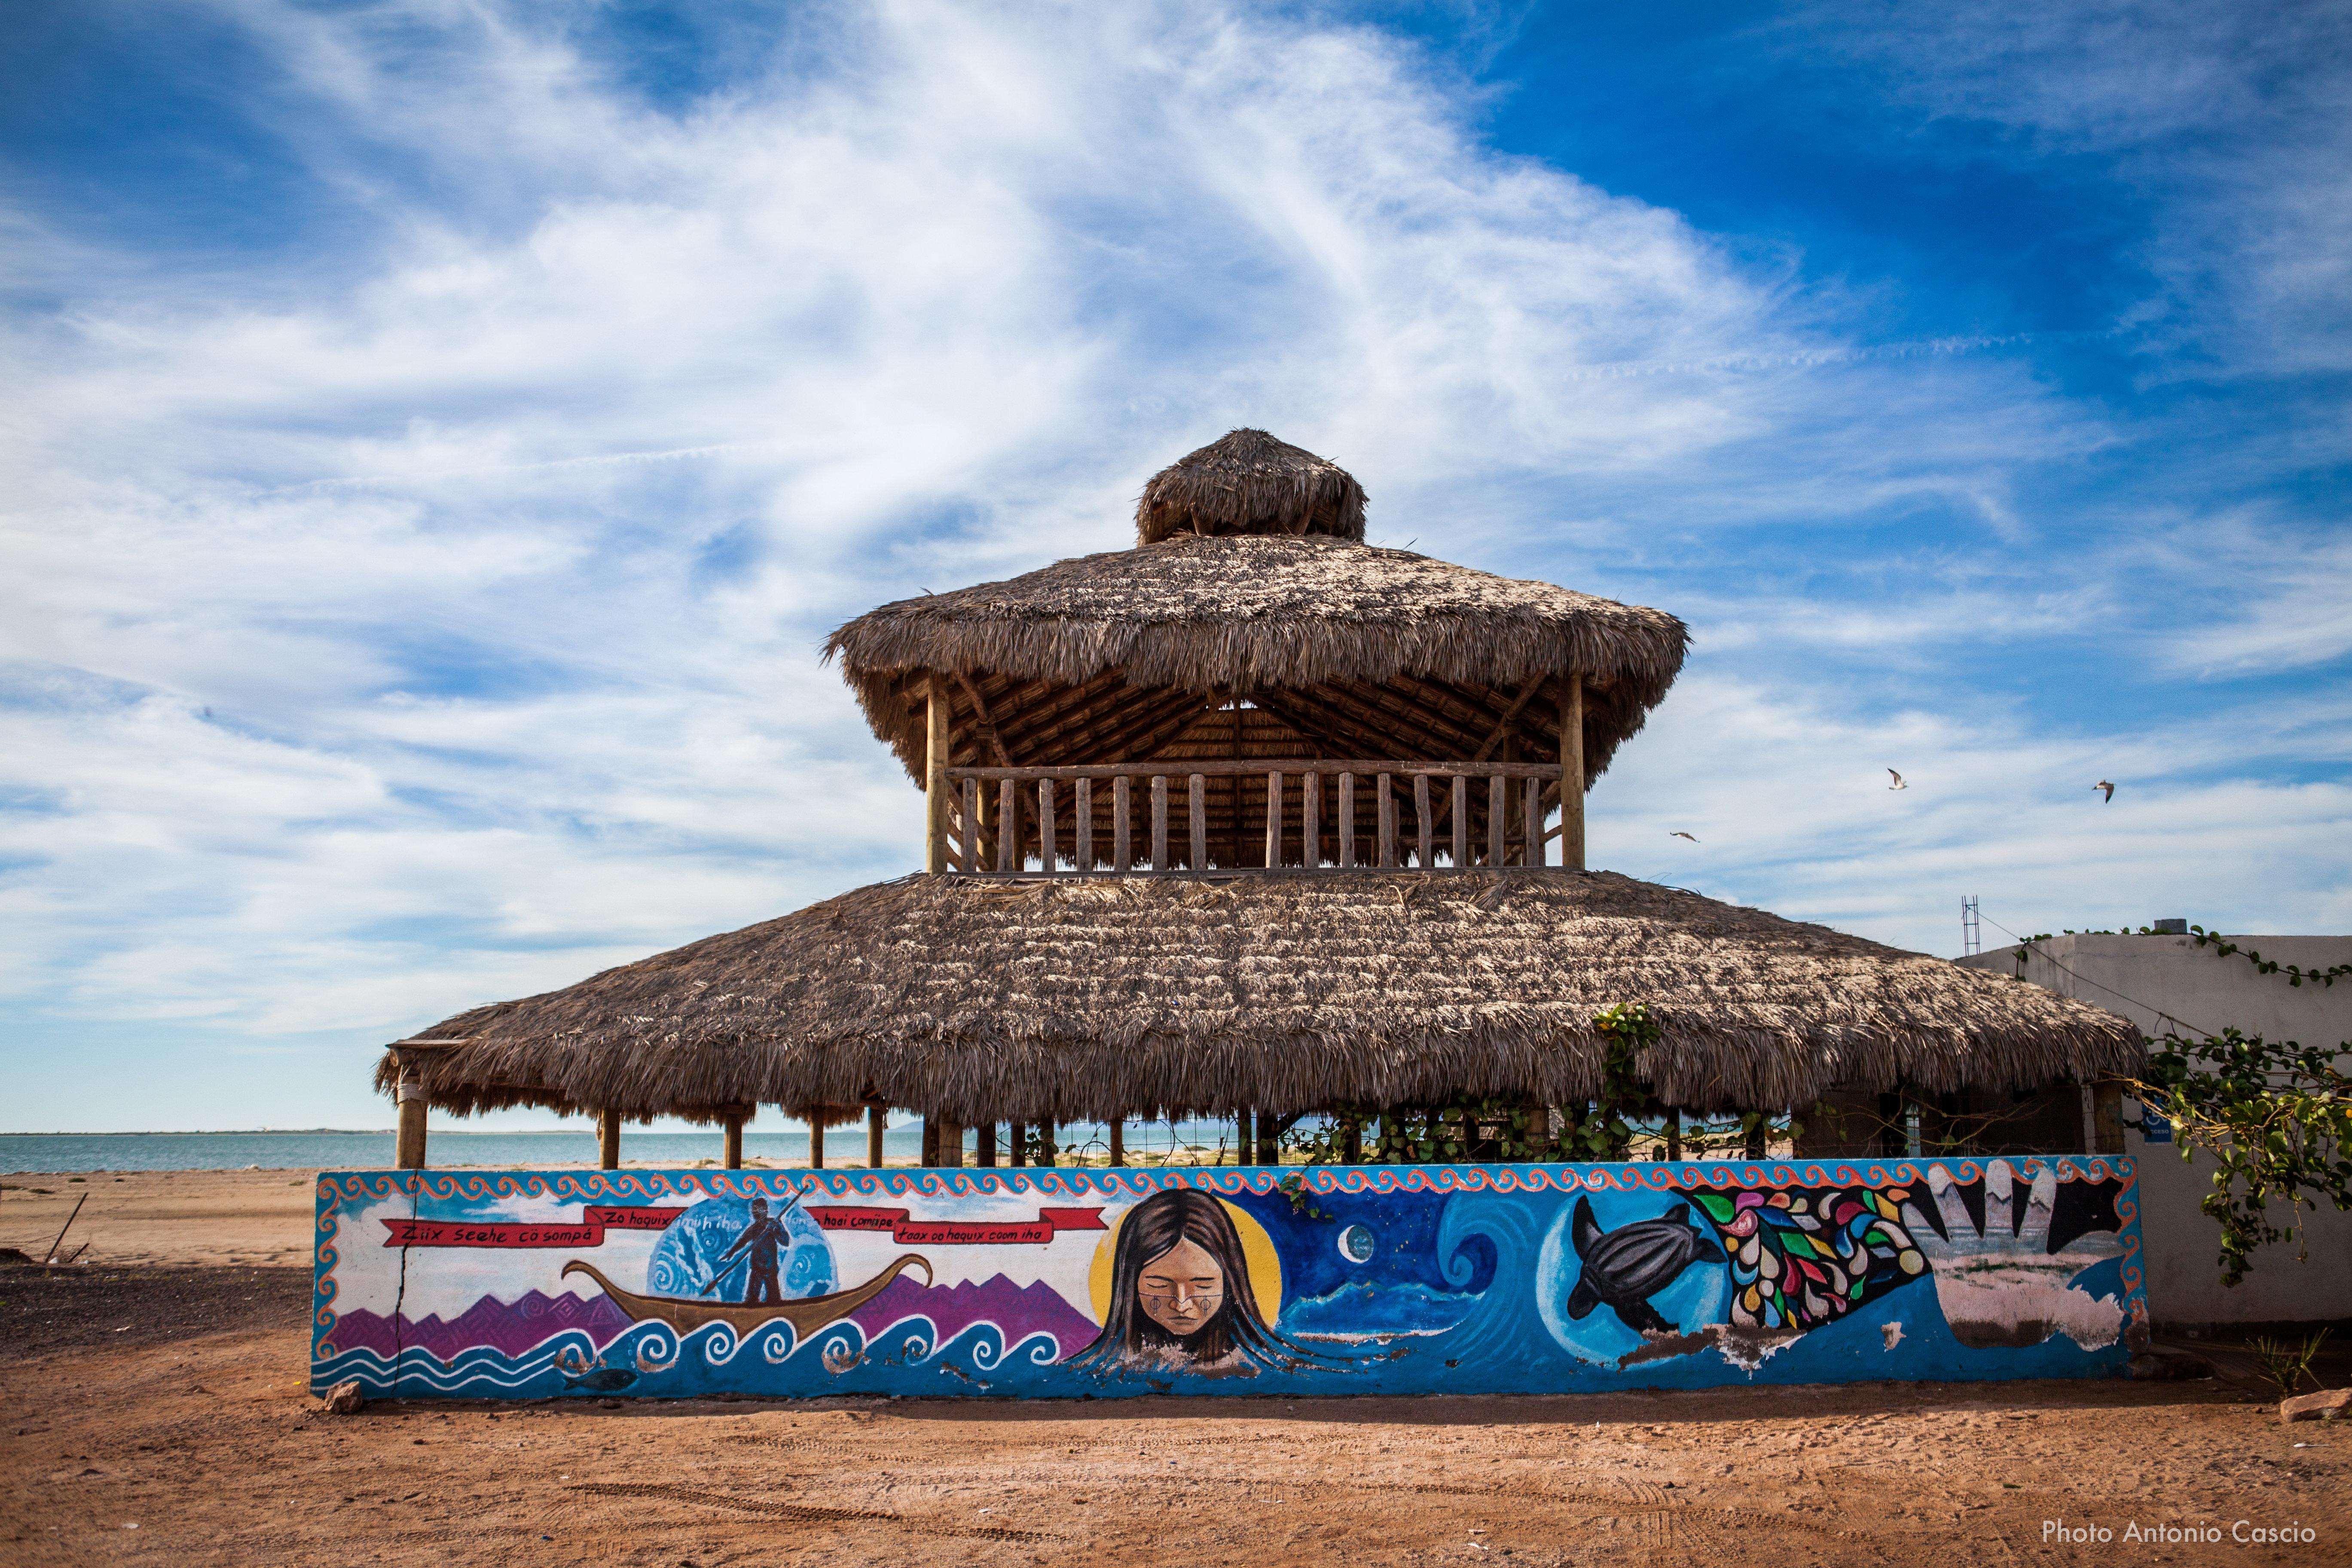 Capanna sulla spiaggia presso la comunità indigena di Coomcac. Punta Chueca, Sonora, Mexico. 11/12/2019